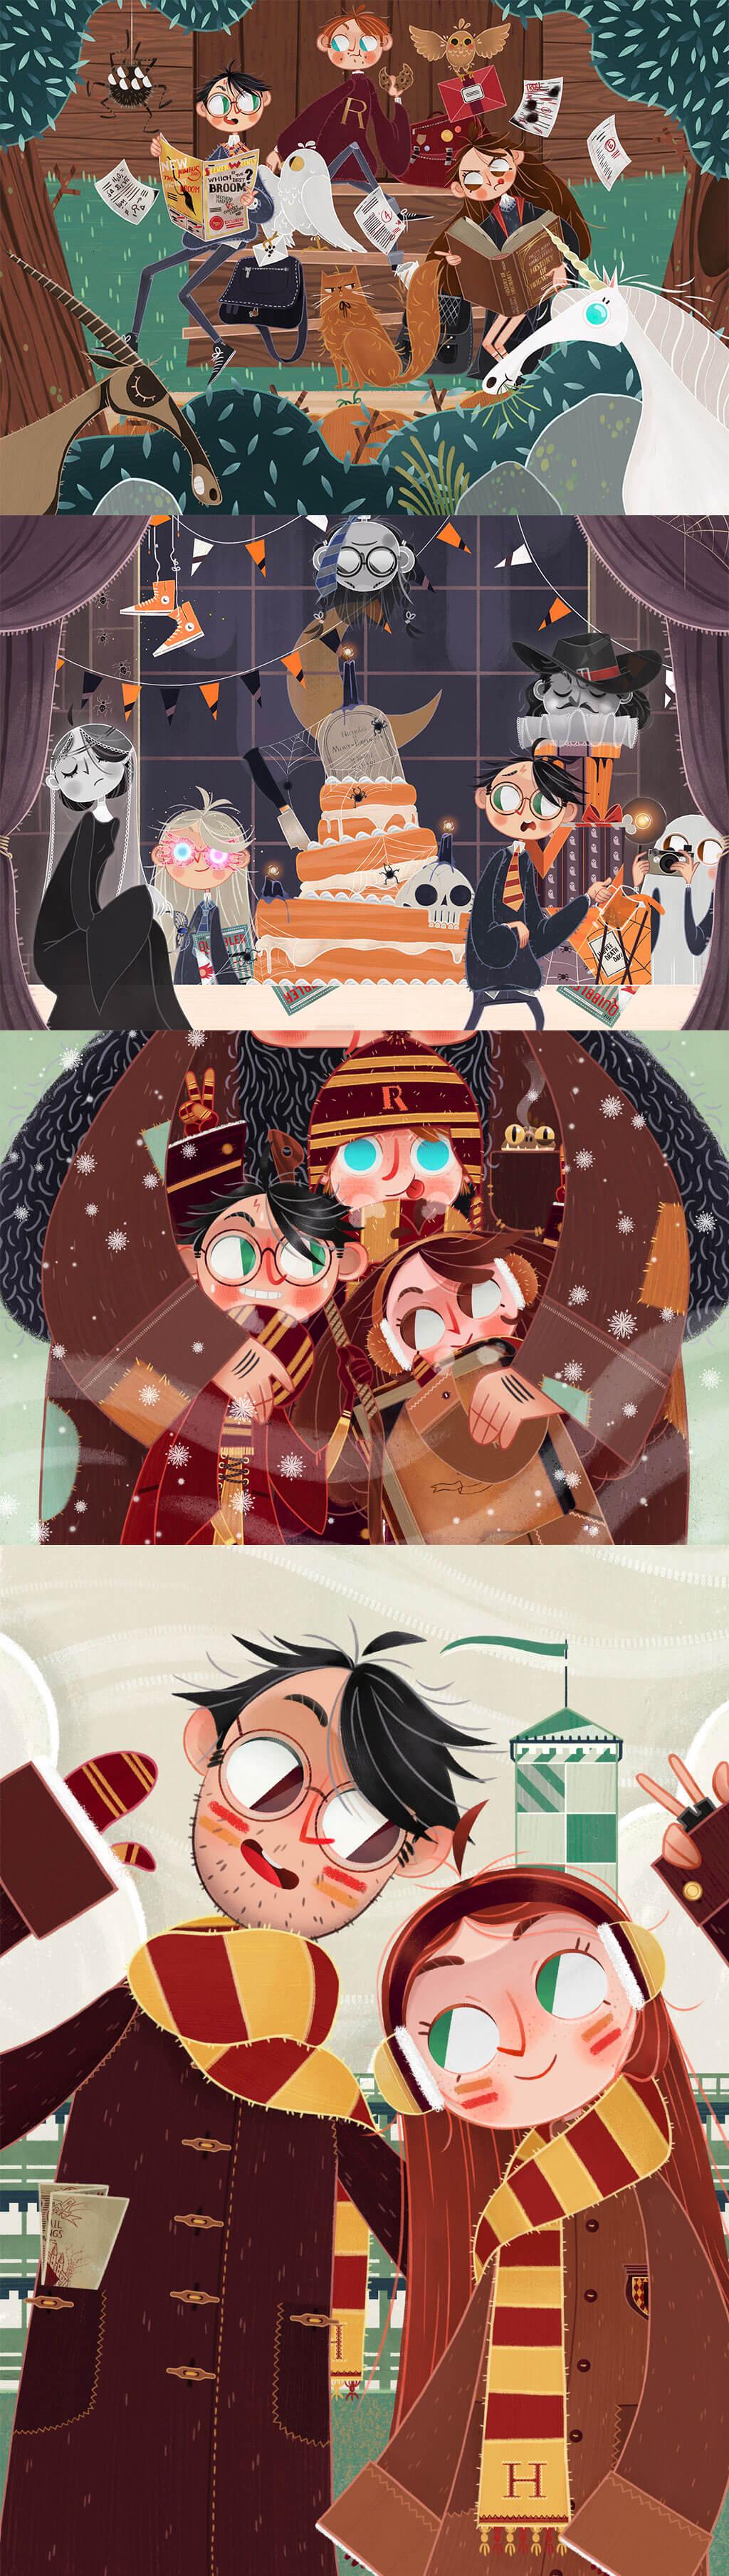 Harry Potter Fan Art by Giada Gatti